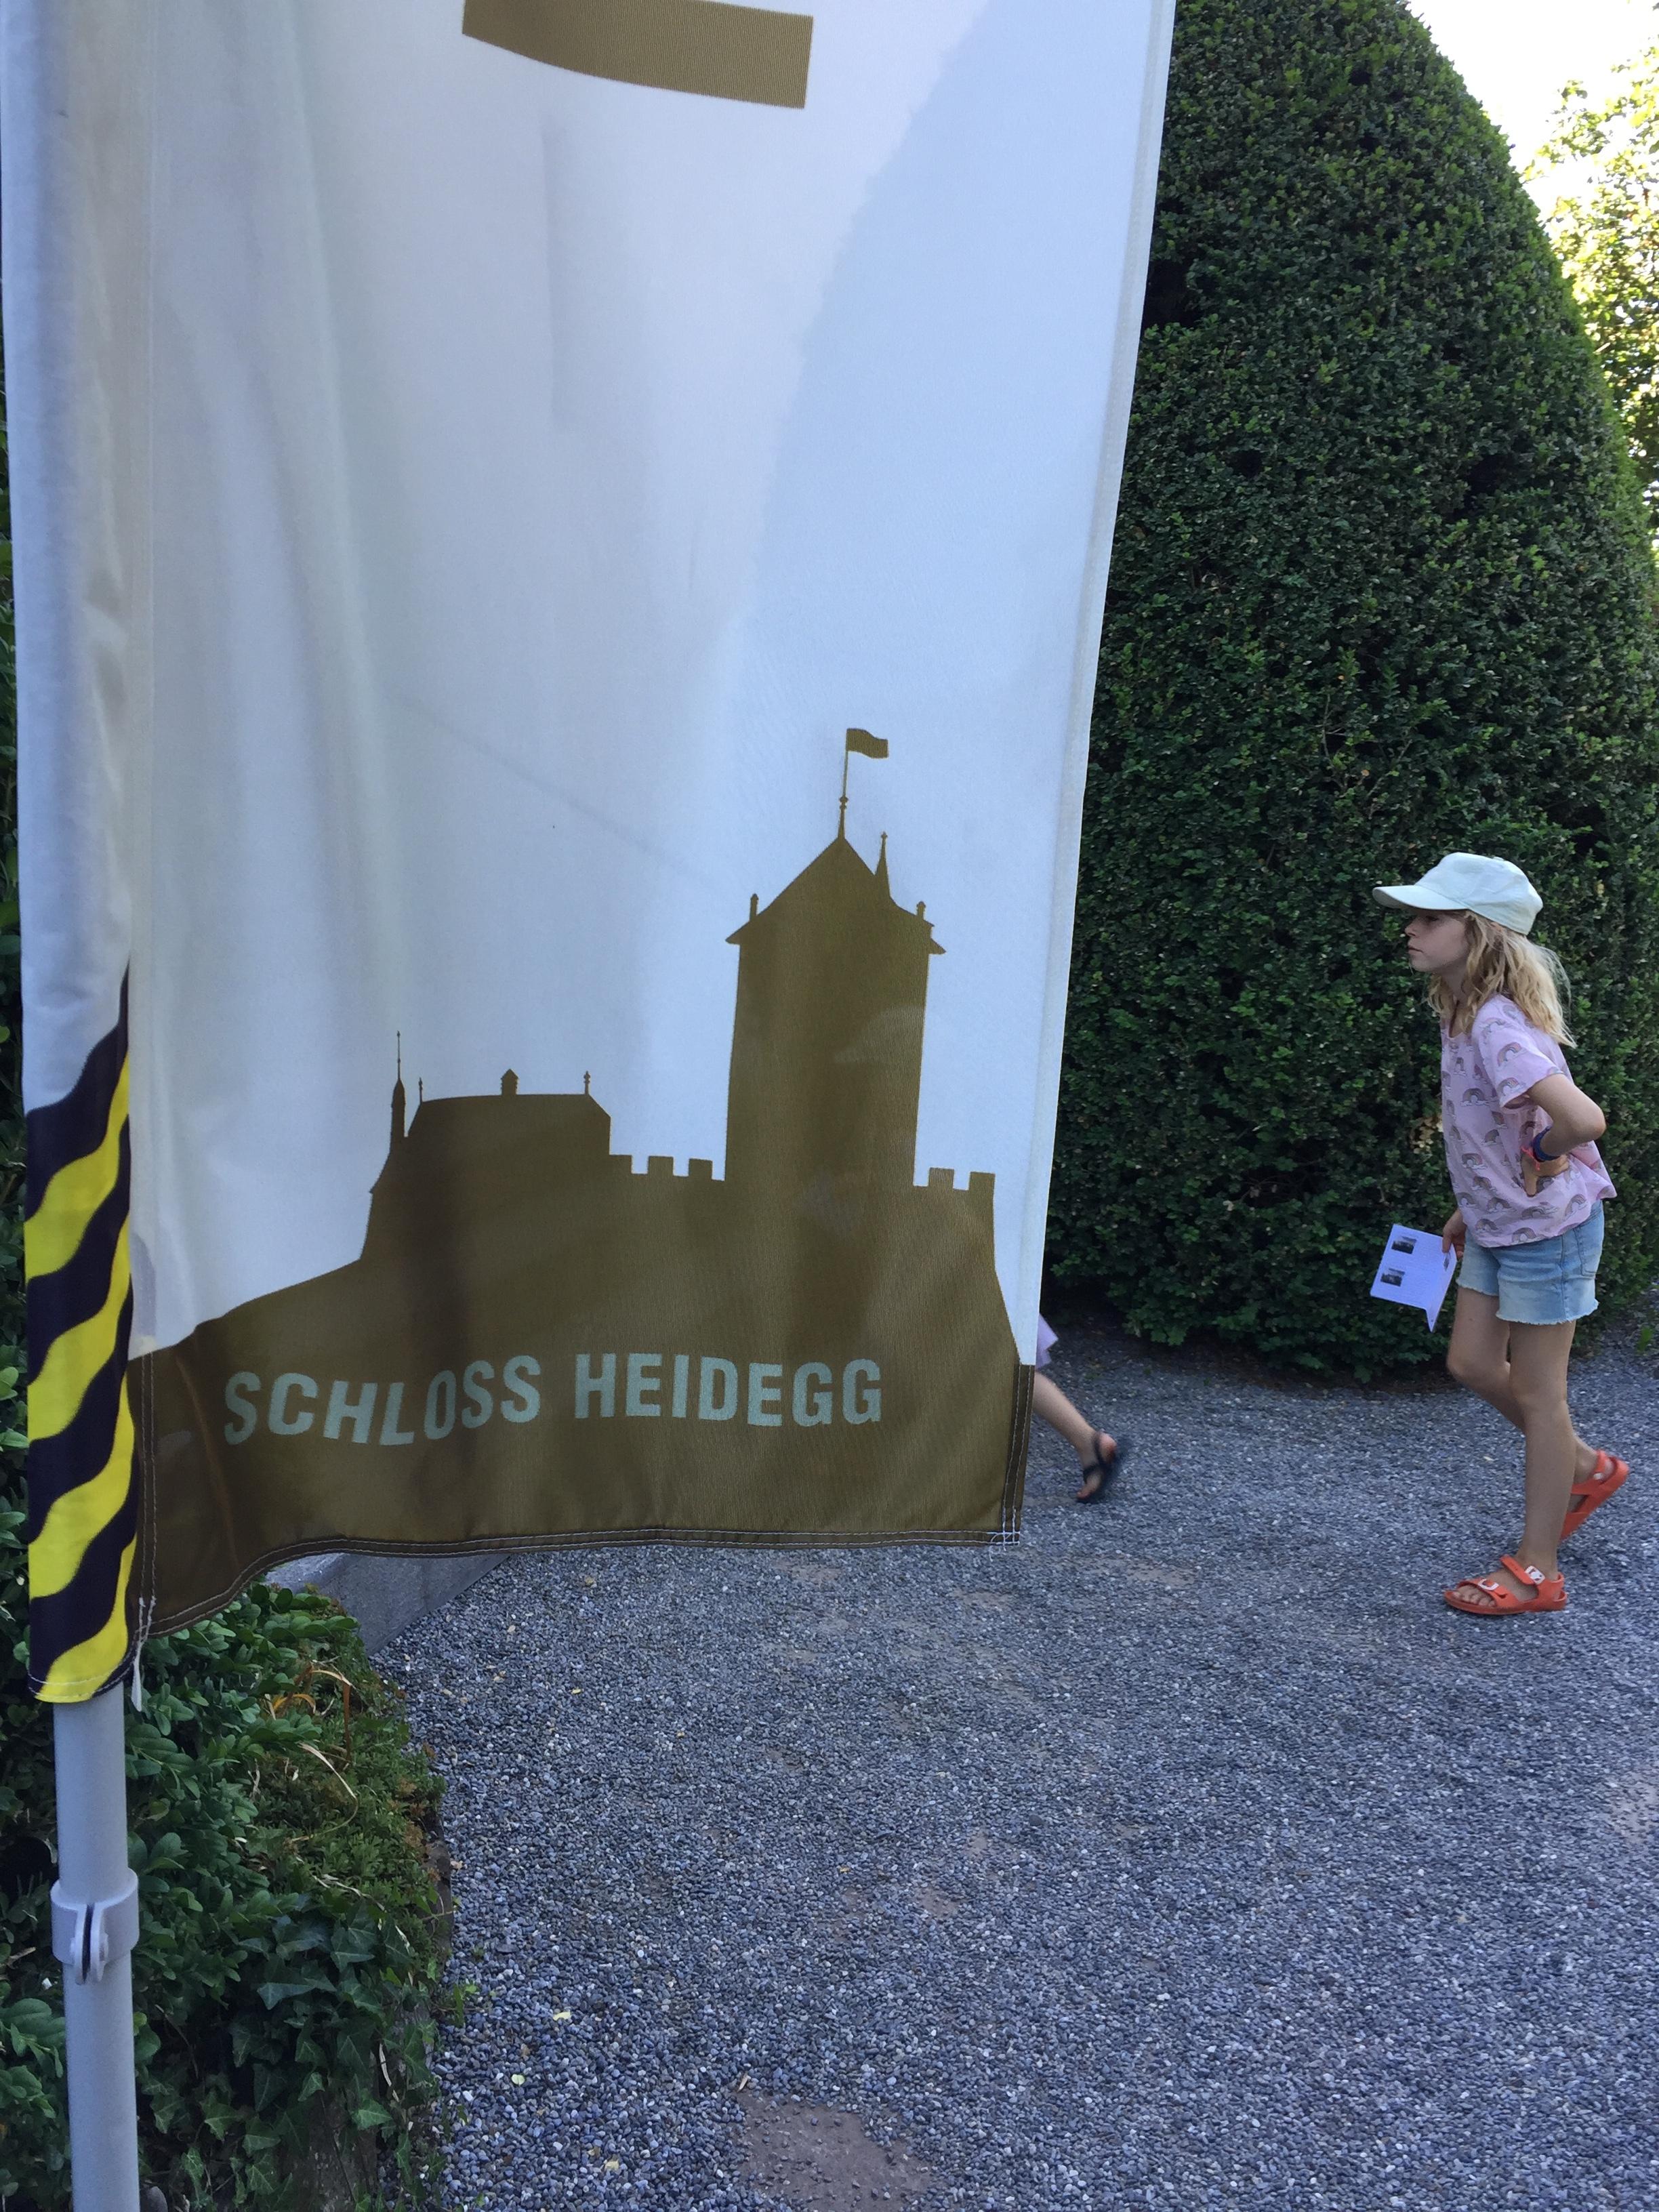 Nicht verpassen: - Heidegger TurmkellergeschichtenAnkleideKinder-EstrichBurgen bauenSpielplatz (mit Grillplatz vor dem Schloss)